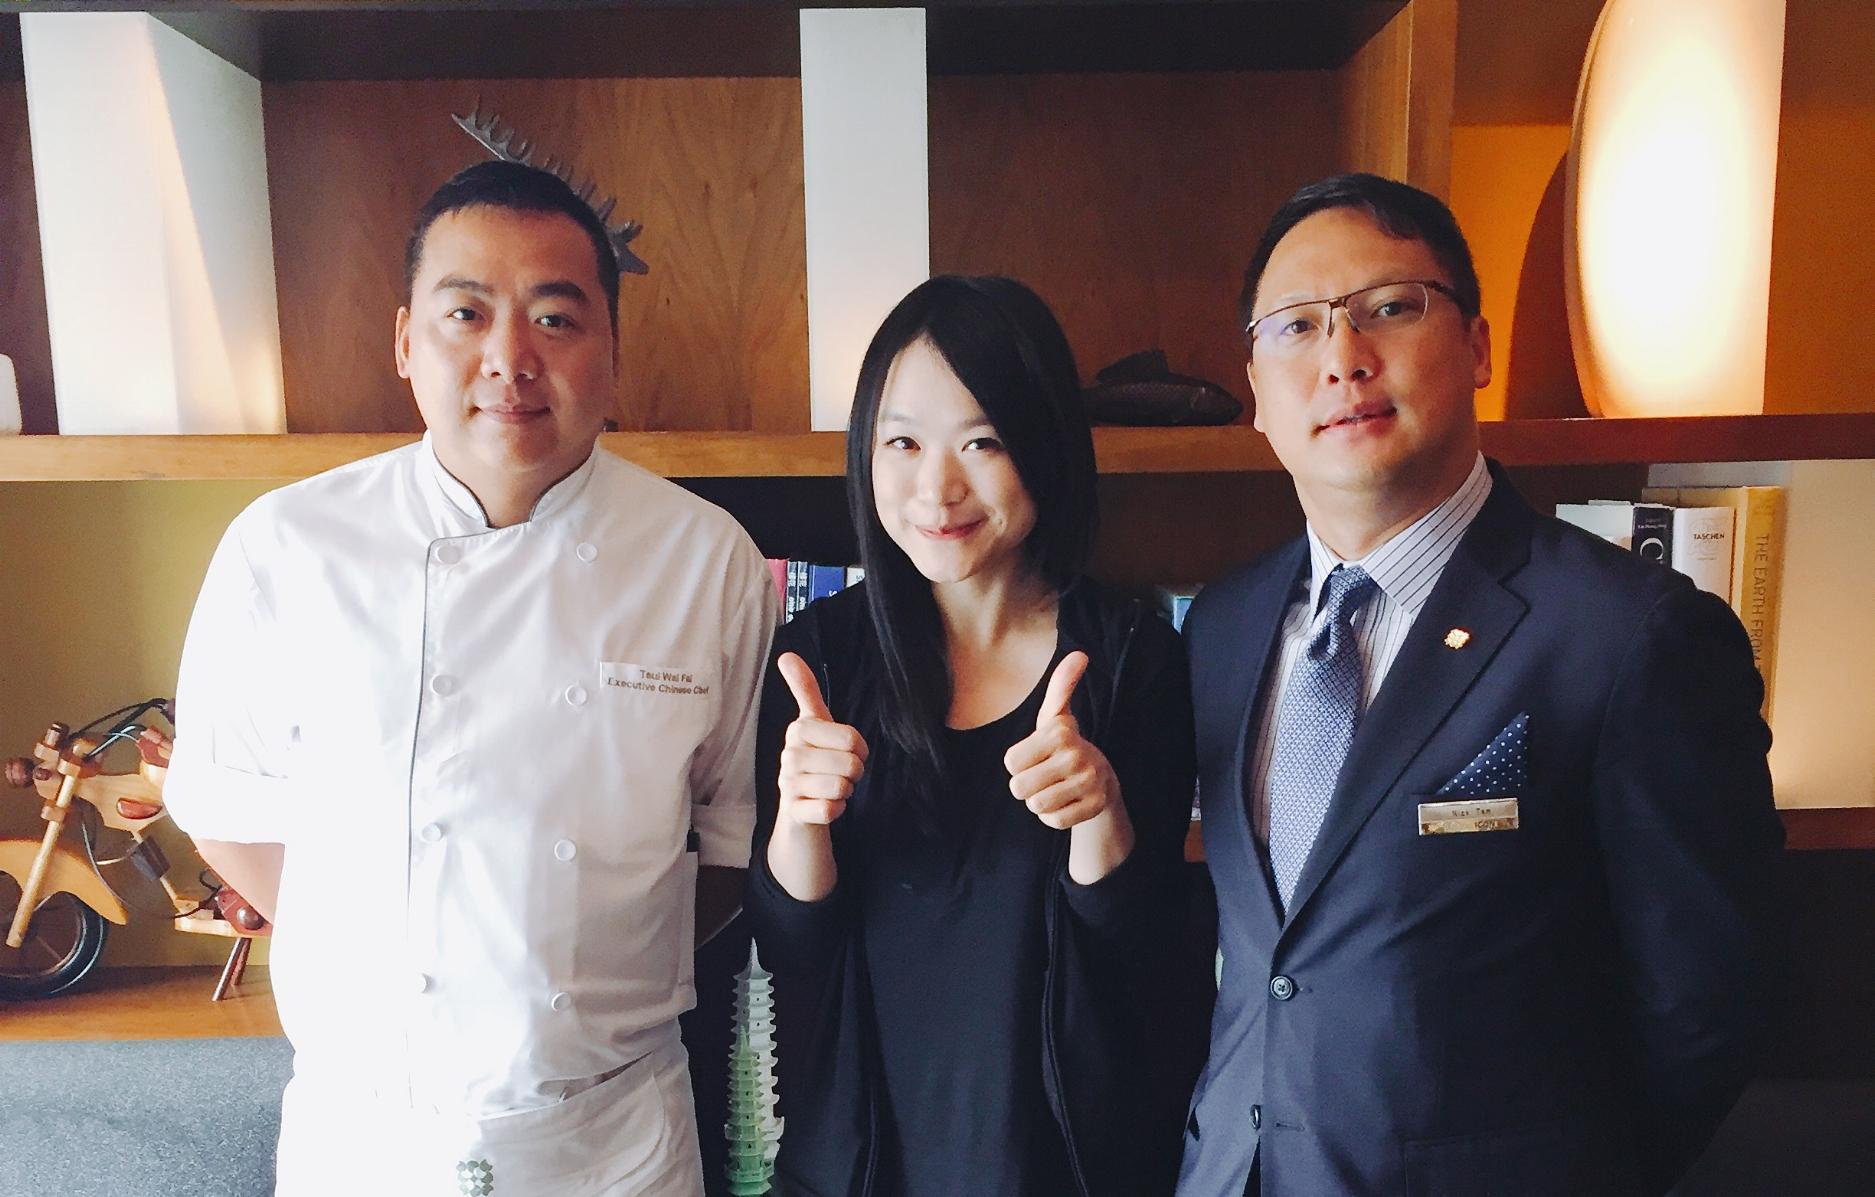 台灣一直以美食小吃聞名,近年港人來台旅遊人數增加,也會買台灣的食品當伴手禮帶回國,而各國飲食習慣漸漸改變,從吃飽到吃好再進一步希望吃得健康,對於食品食物的標準也越來越嚴格,A.A.無添加協會本次將協會認證的無添加美食帶到香港。